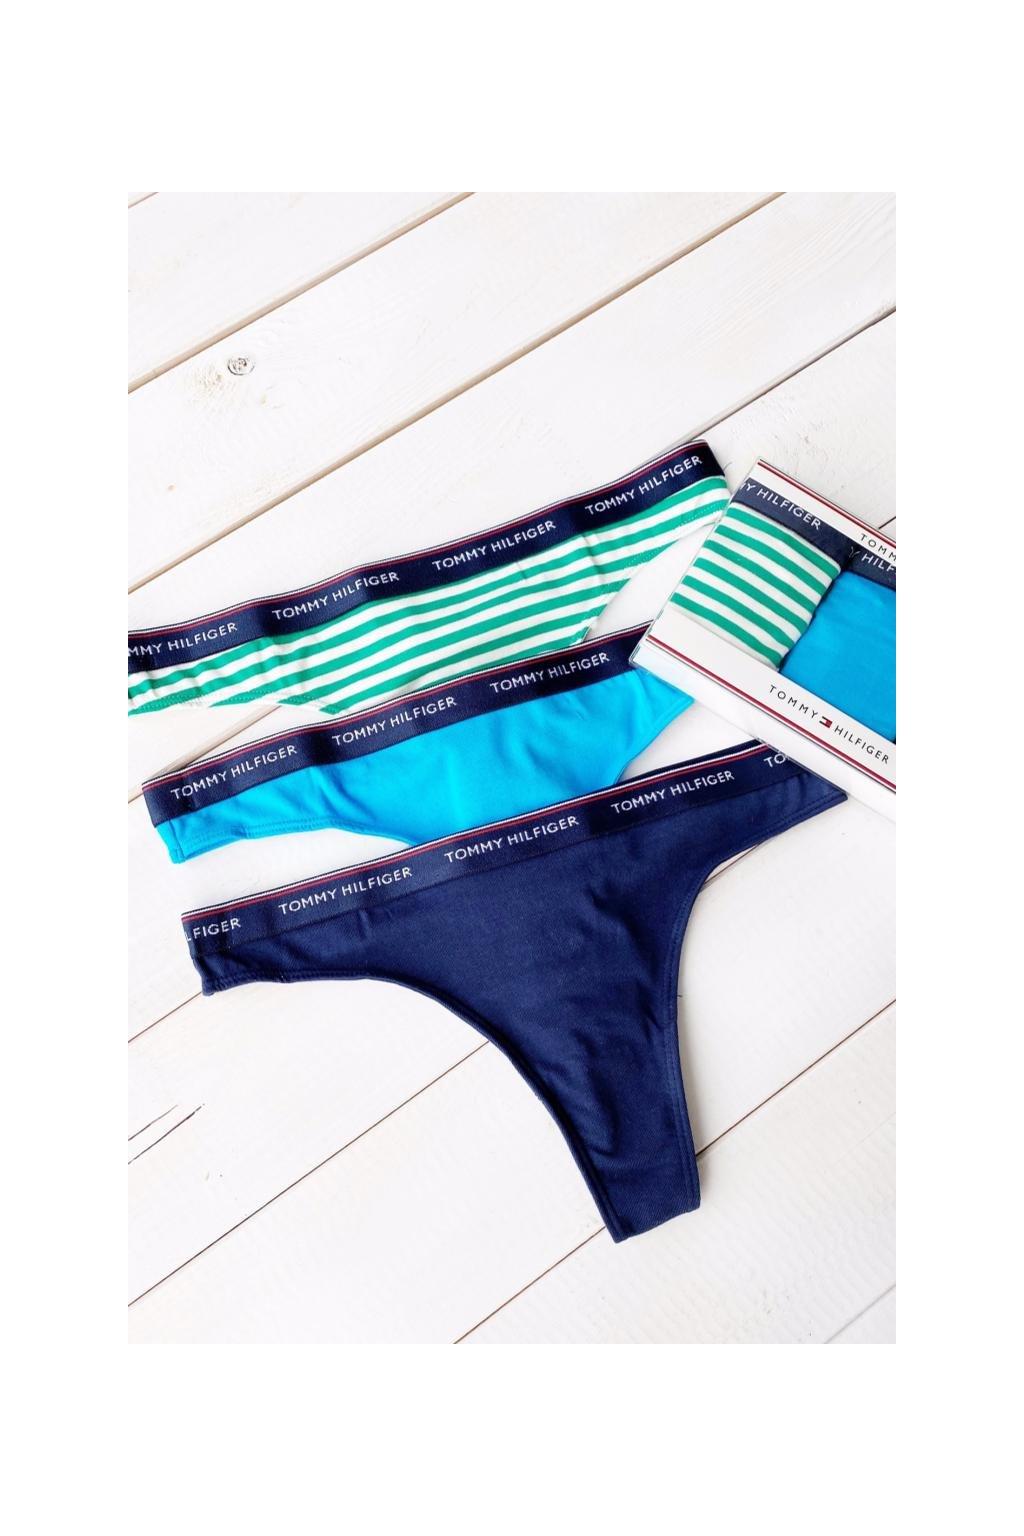 Tommy Hilfiger 3-balení tanga - modrá, zelená, tmavě modrá